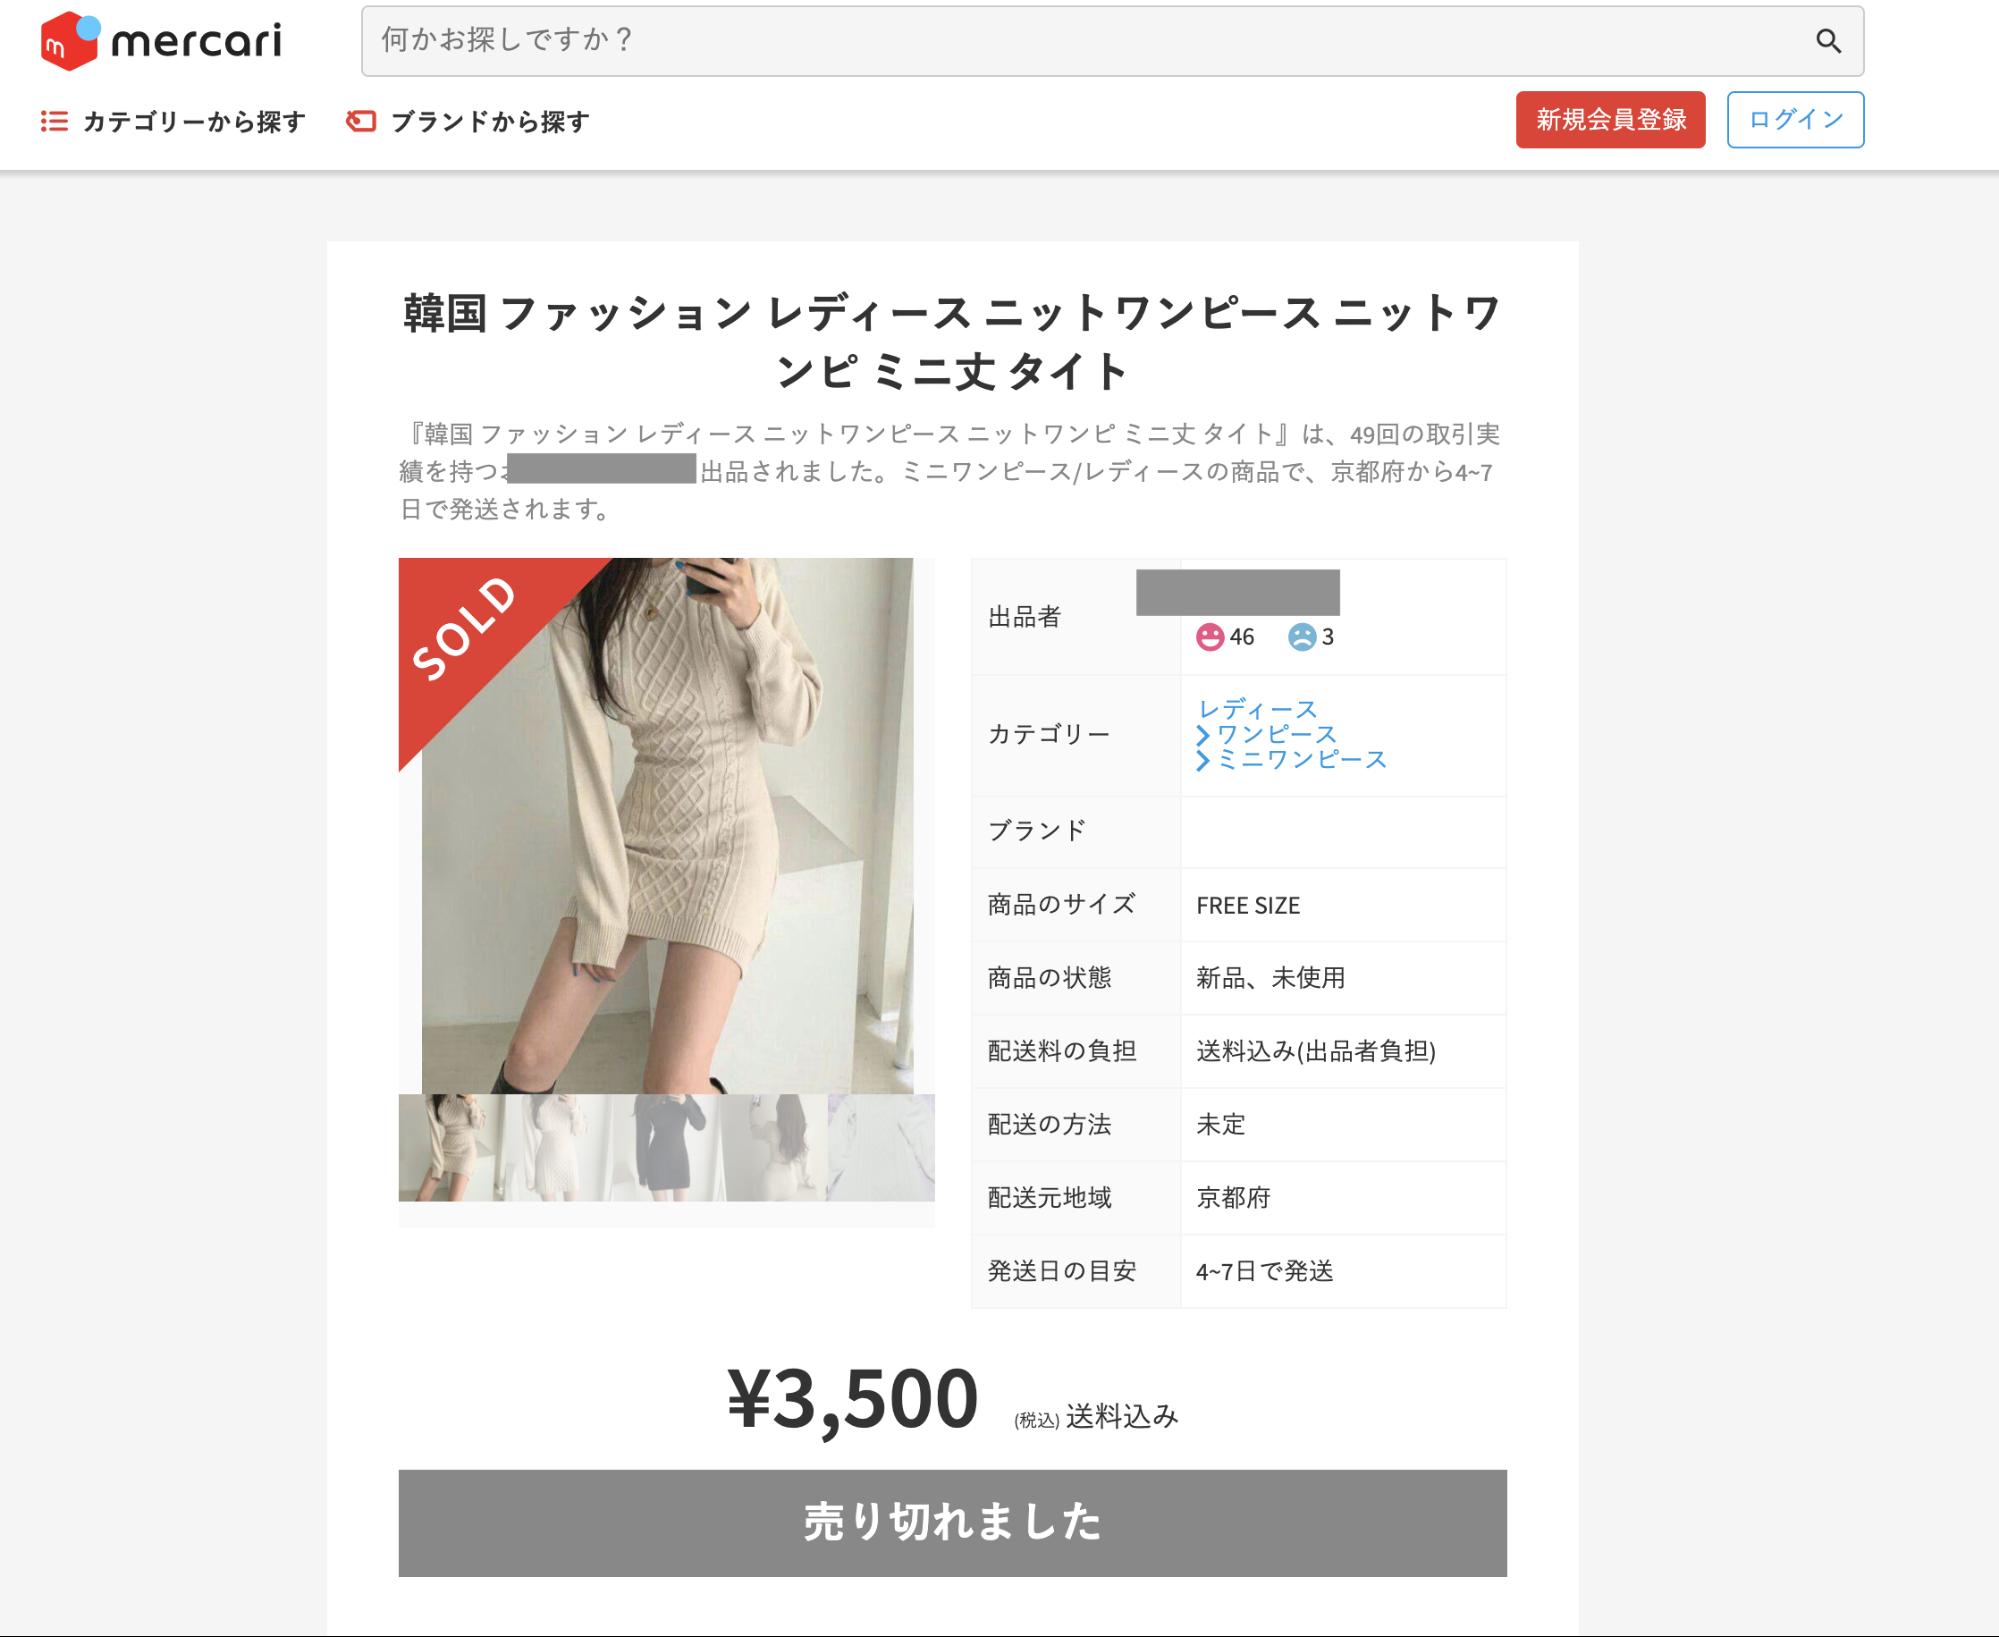 【メルカリでよく売れる商品④】ファッション